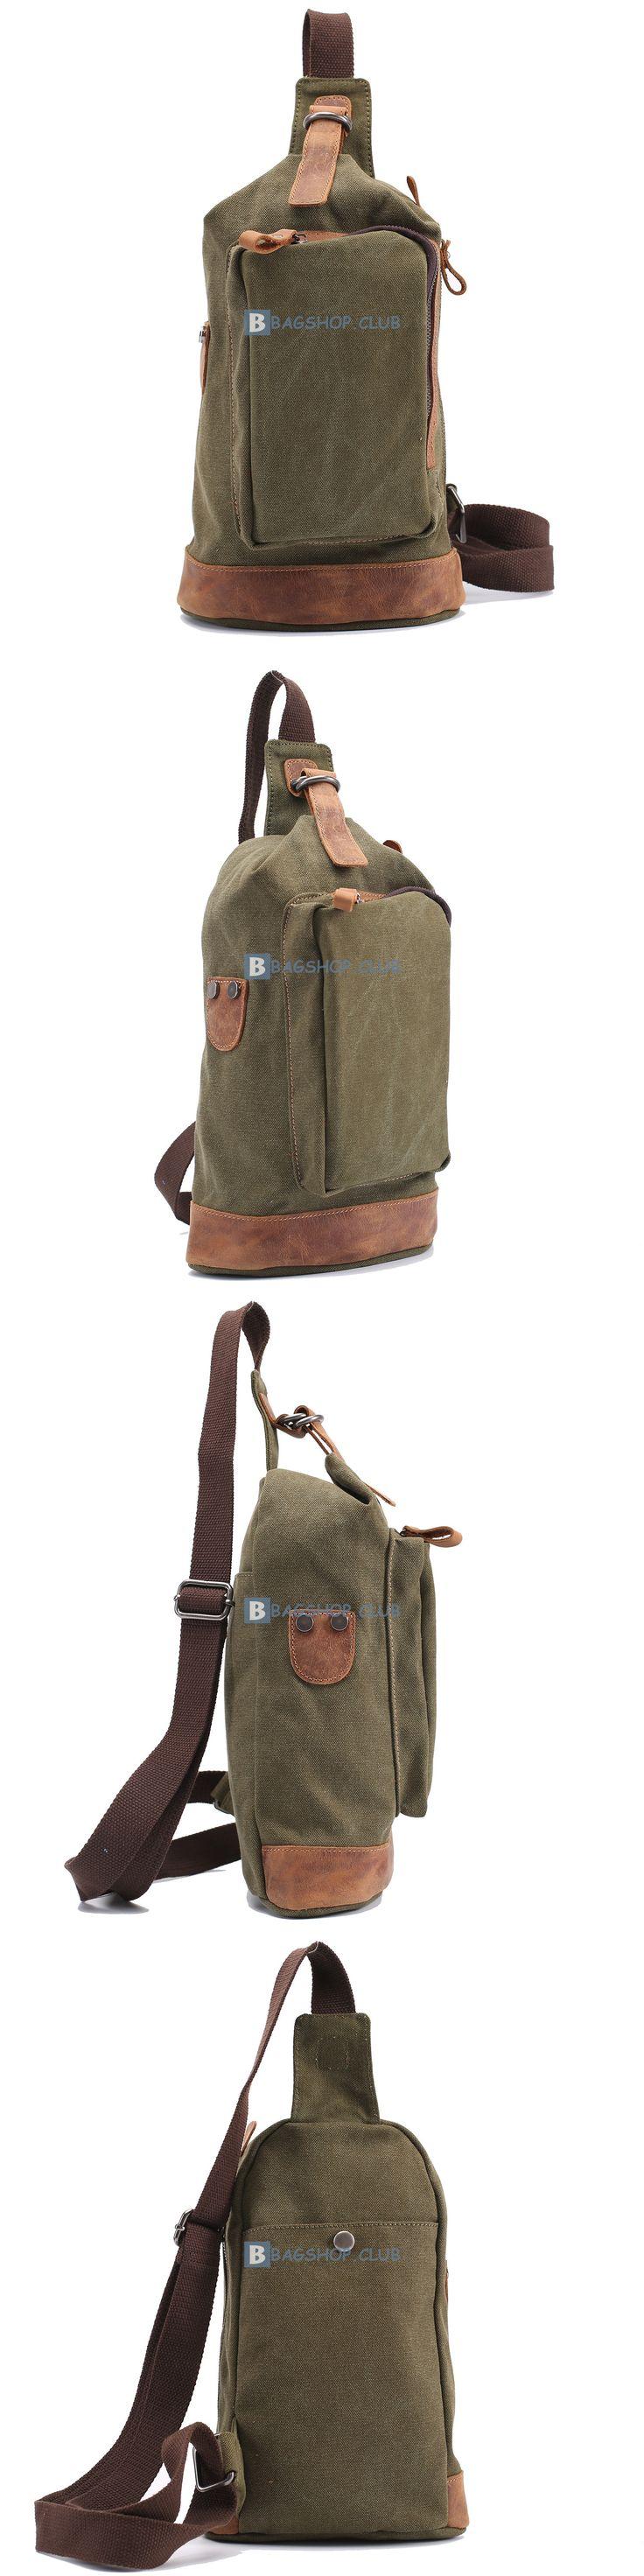 $61.12 Canvas Sling Bags For MenSingle Strap Backpacks